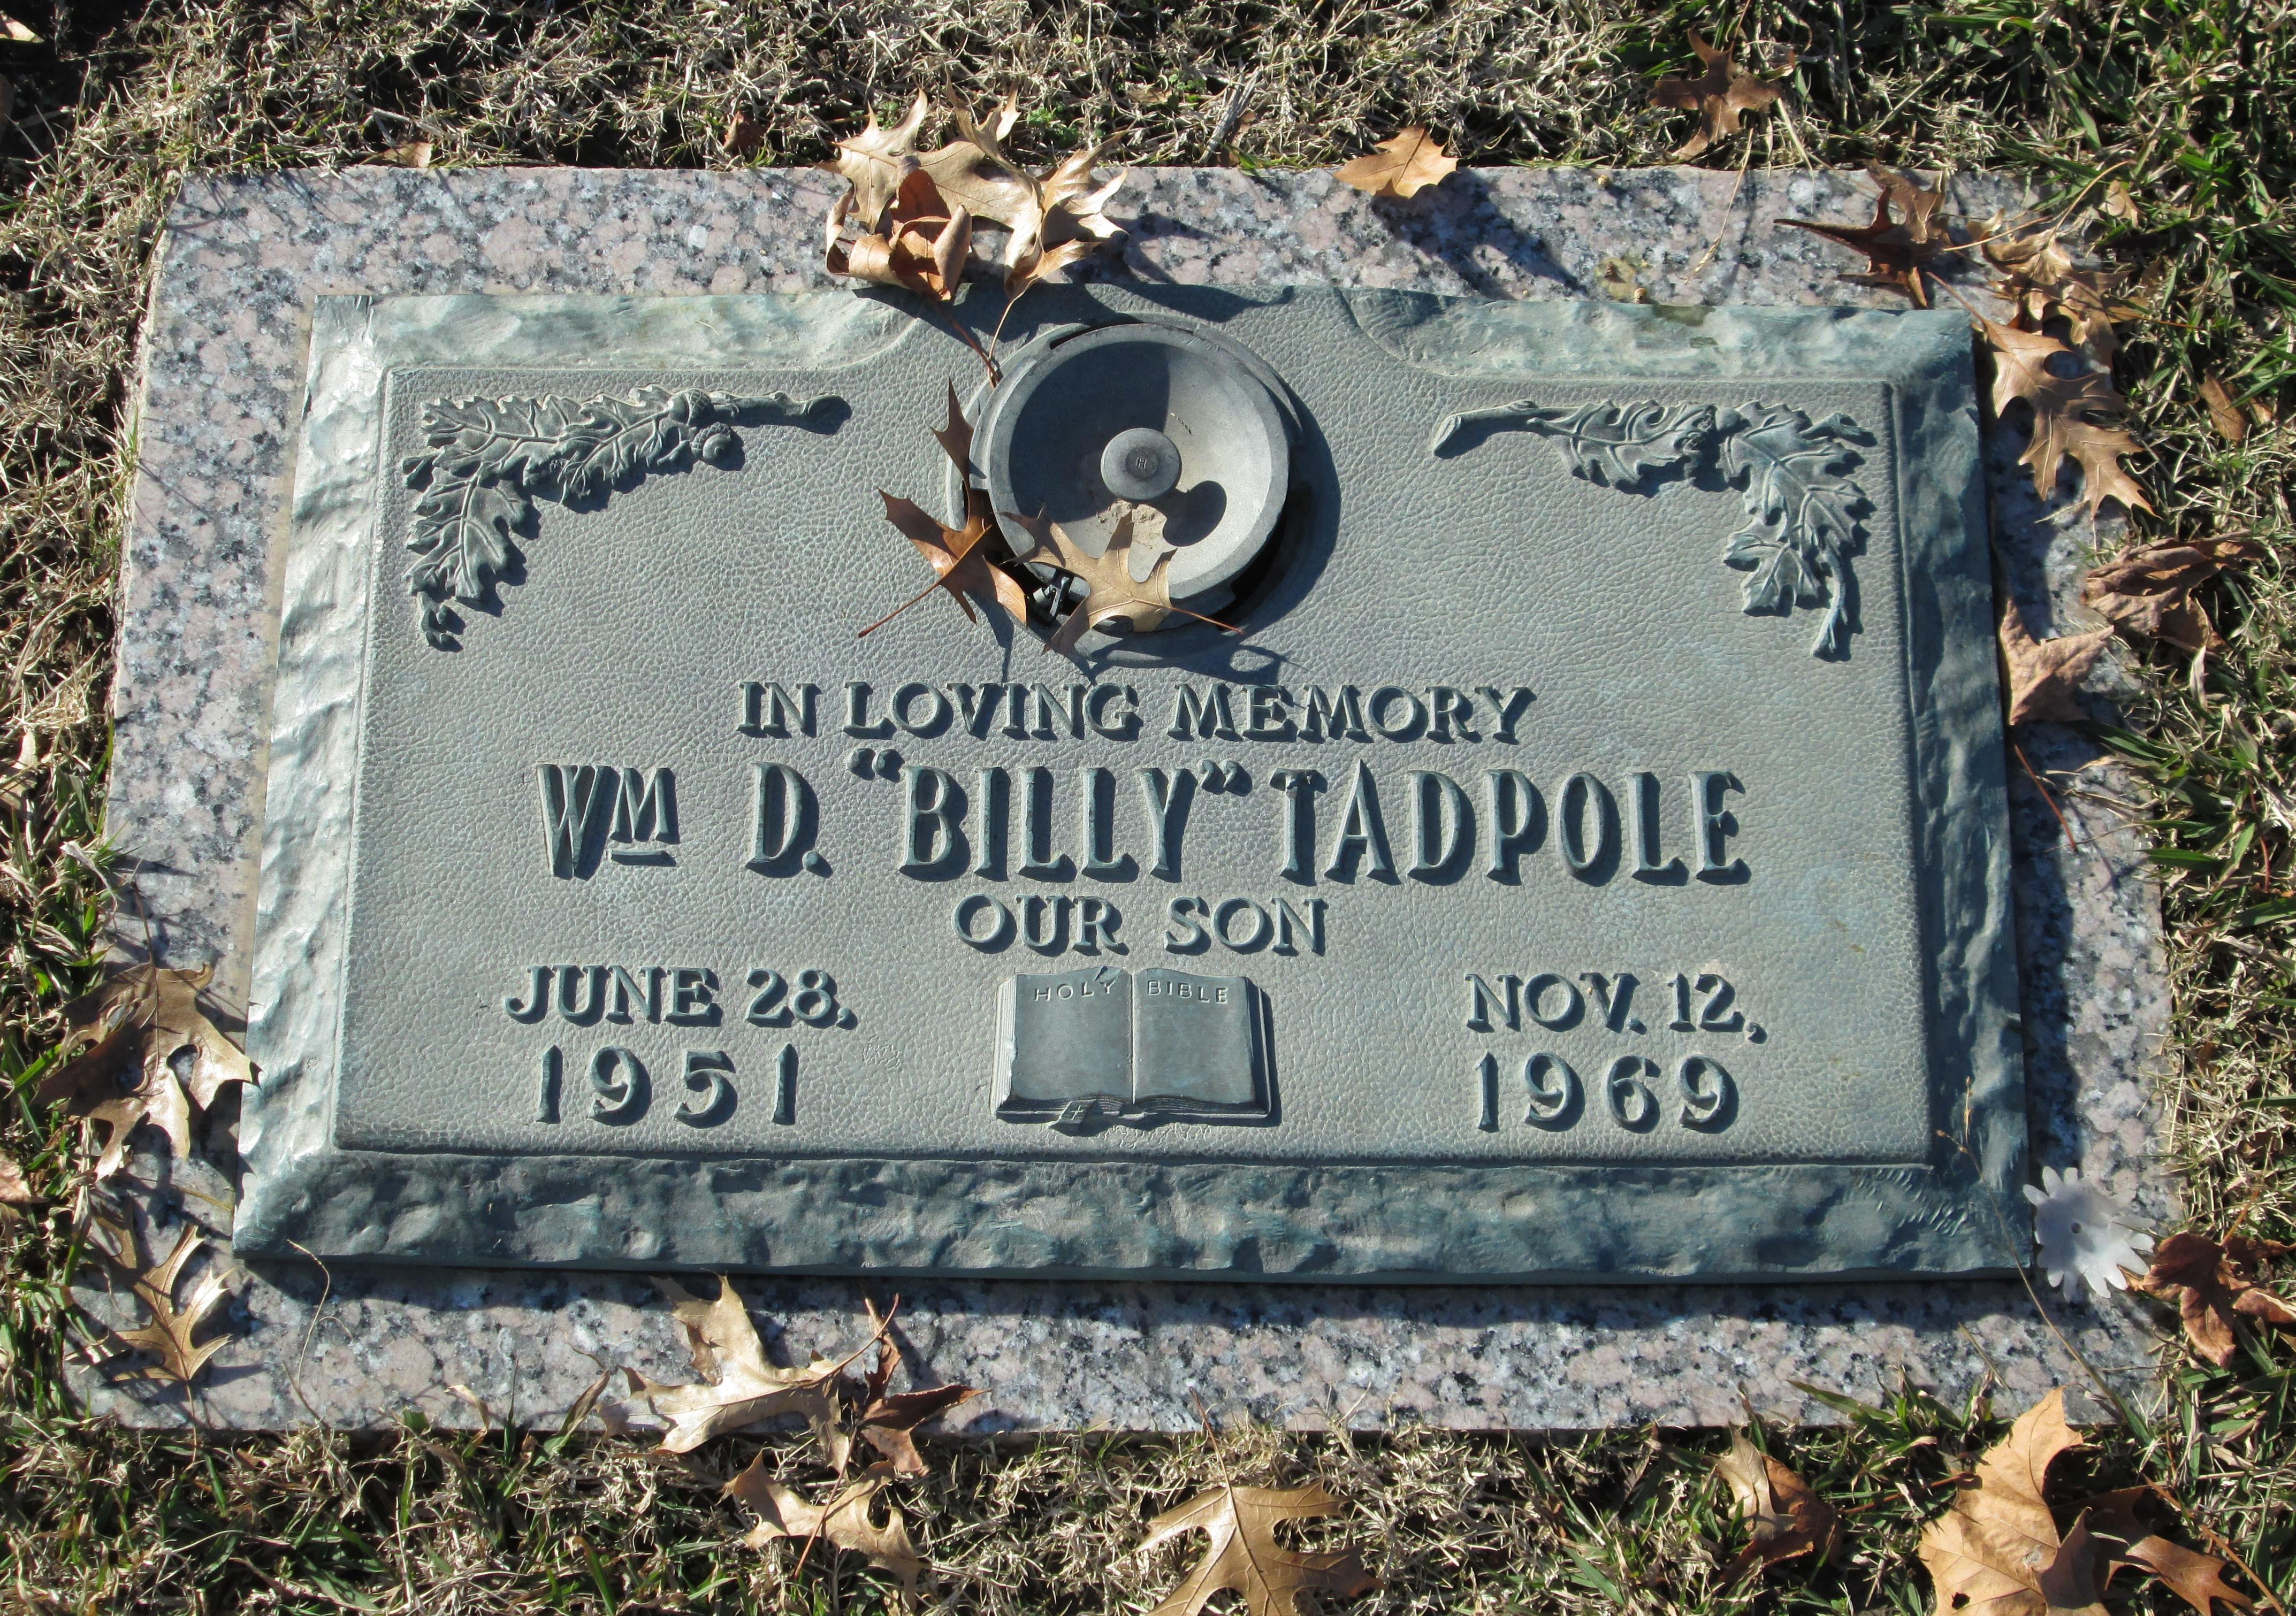 William DeWayne Billy Tadpole